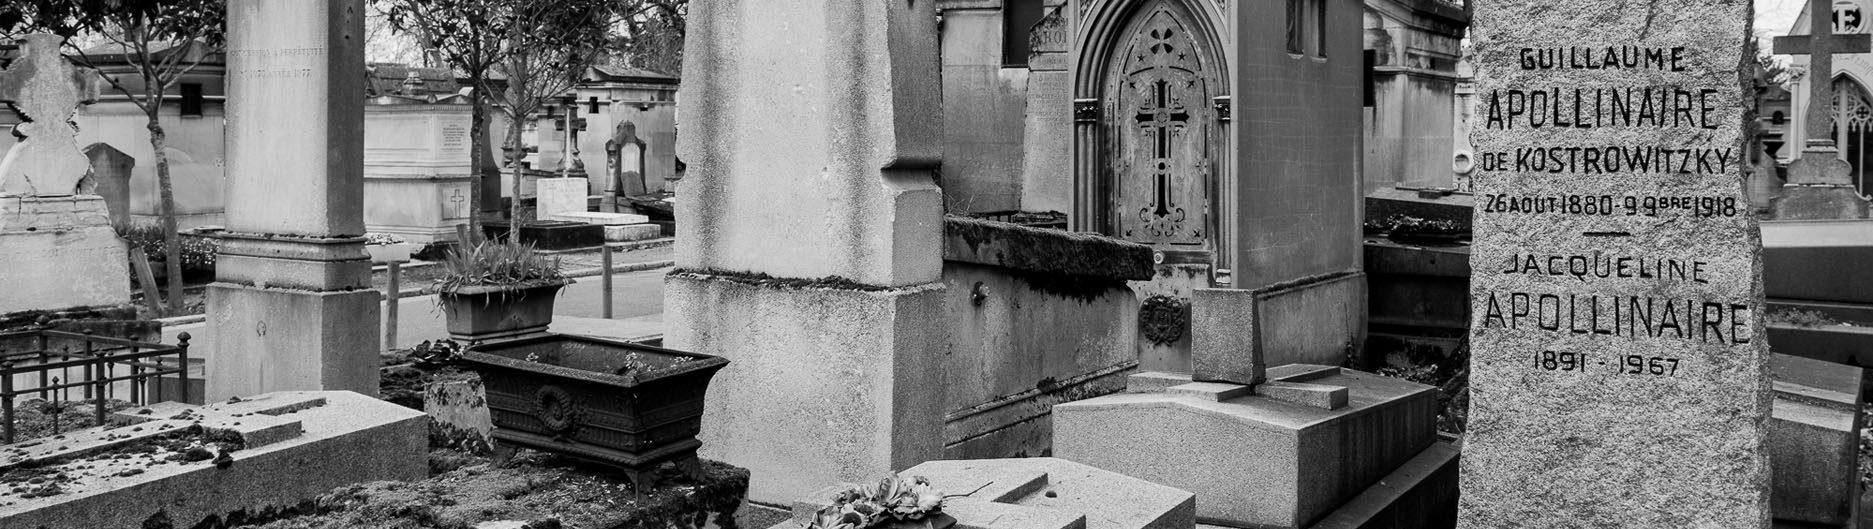 Les Fiançailles – Guillaume Apollinaire